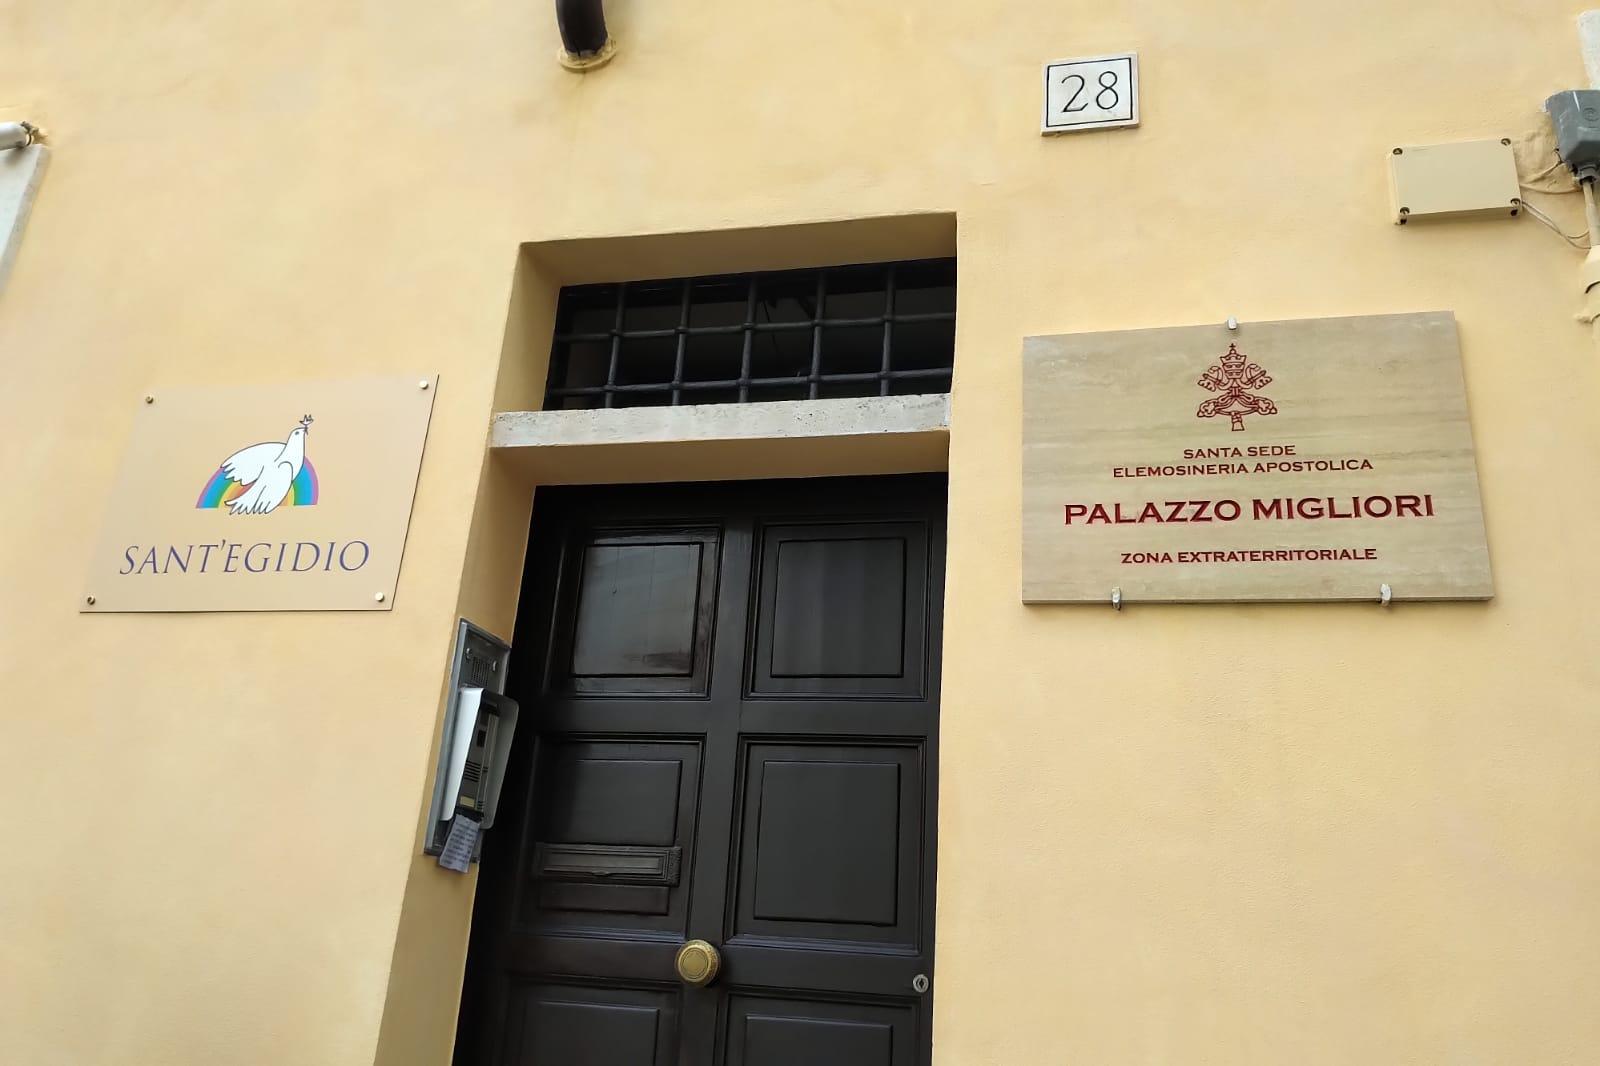 Borgo, il Papa dona un antico palazzo ai senza fissa dimora - Prati